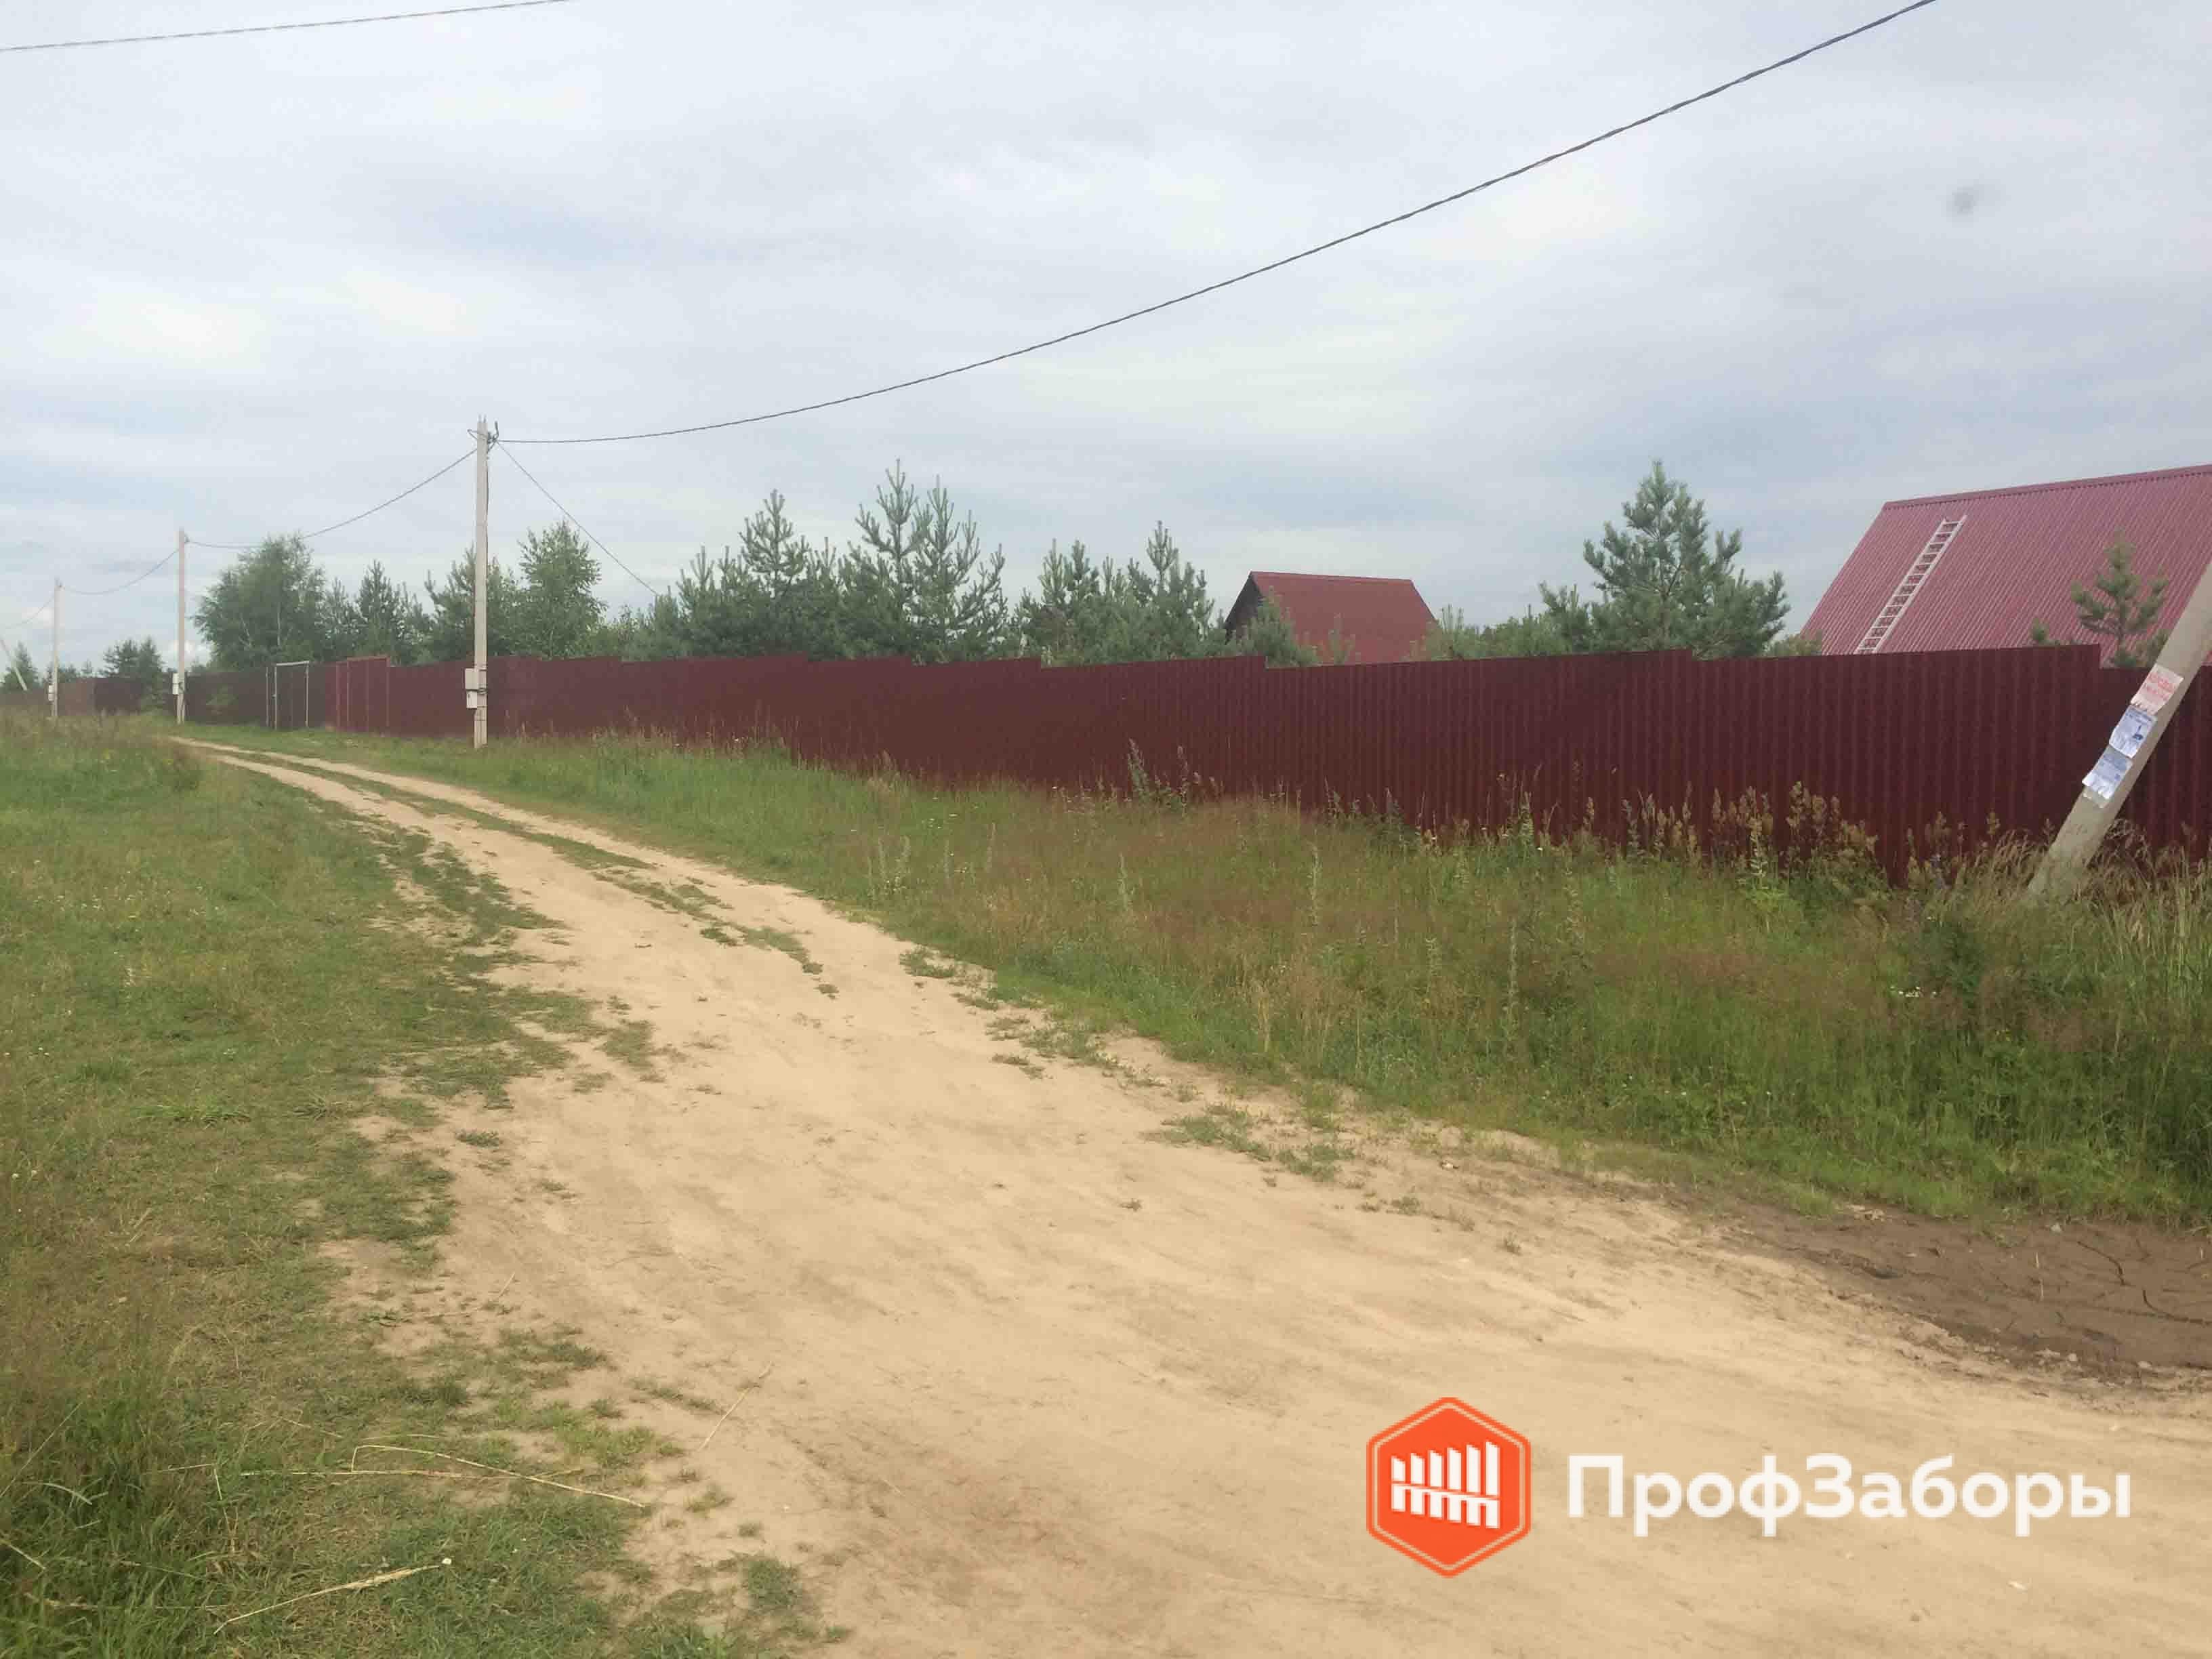 Заборы Из профнастила  - Городской округ Чехов. Фото 3